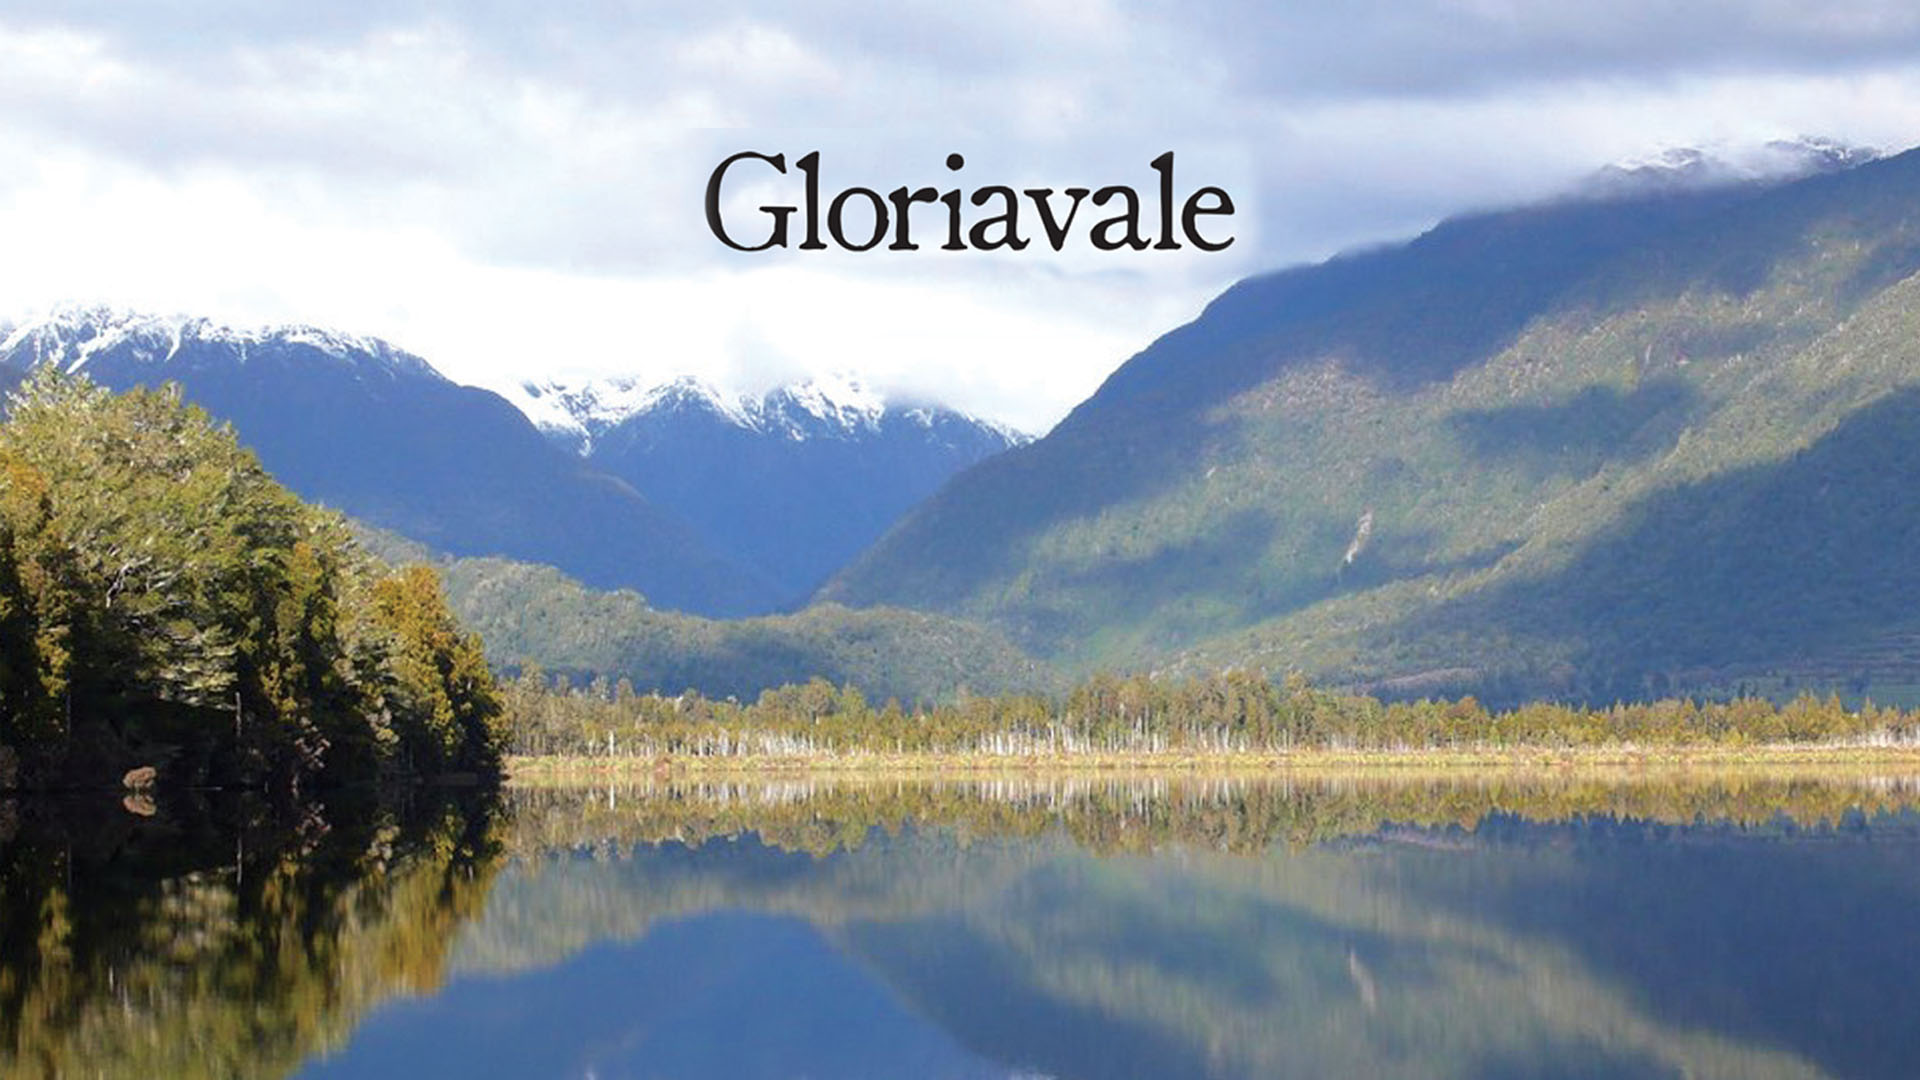 Gloriavale